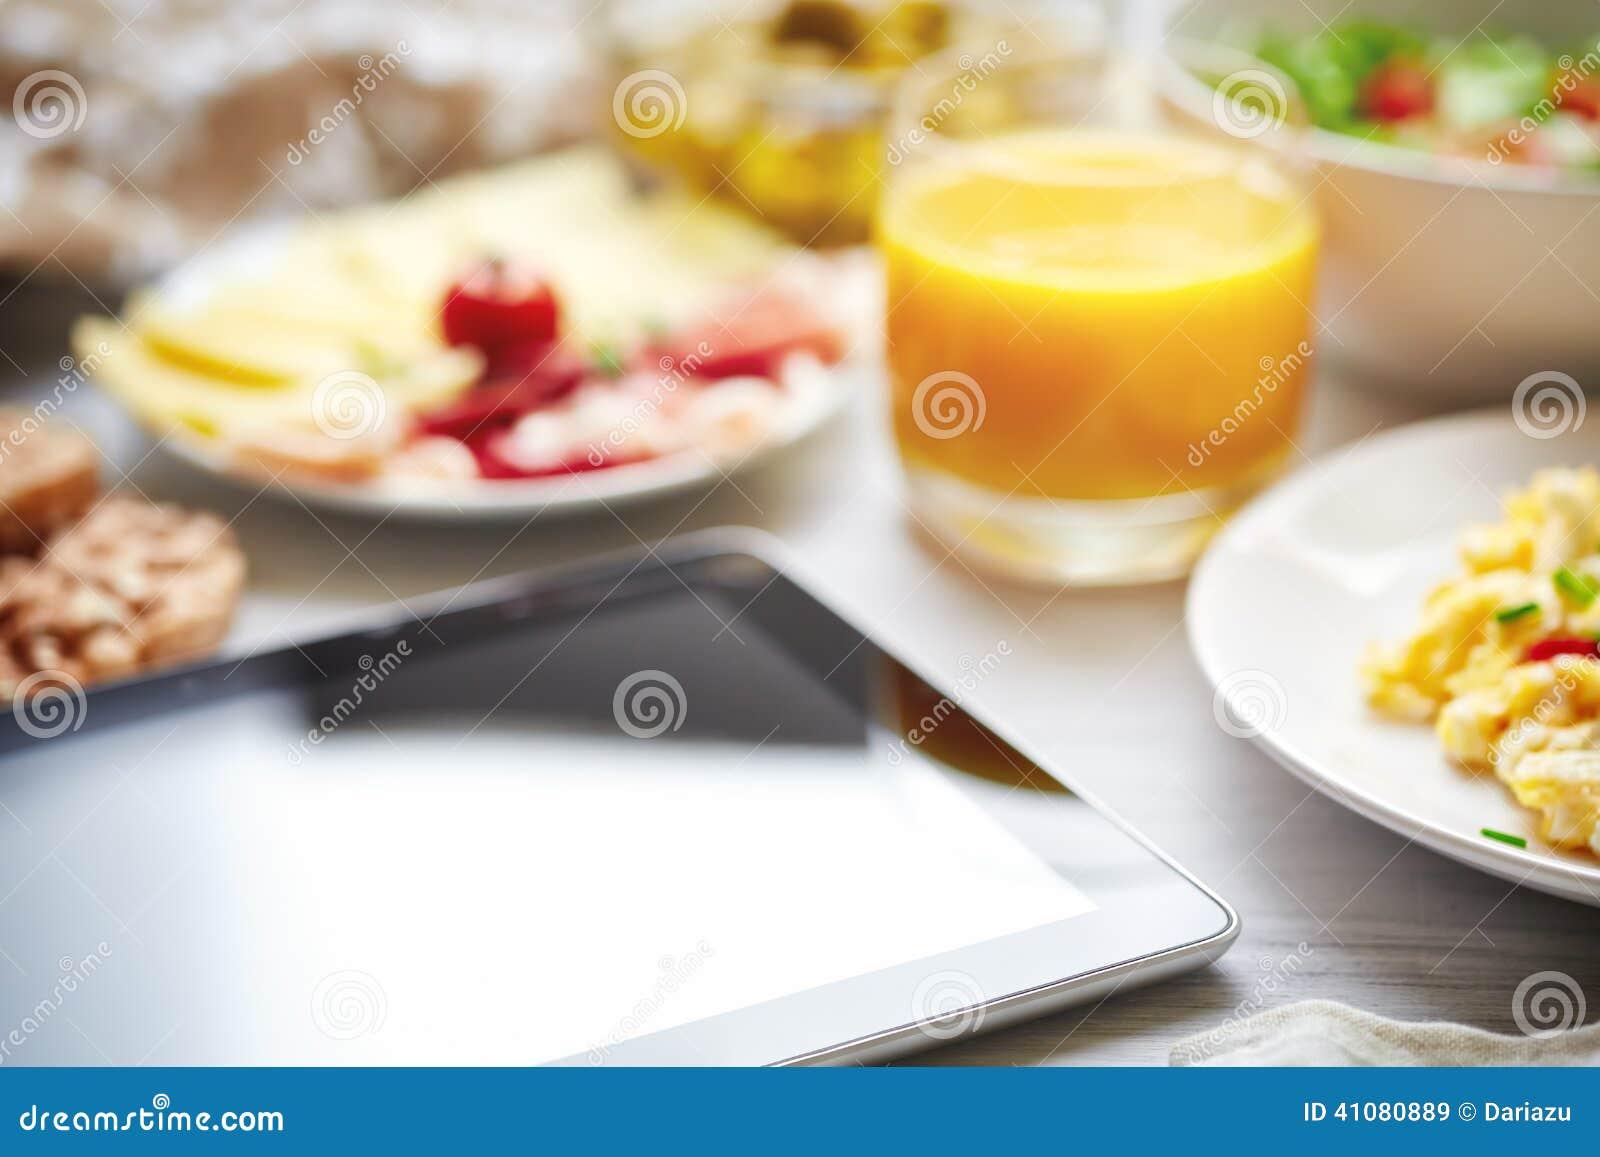 Verse continentale ontbijttablet, het zwarte scherm, selectieve foc